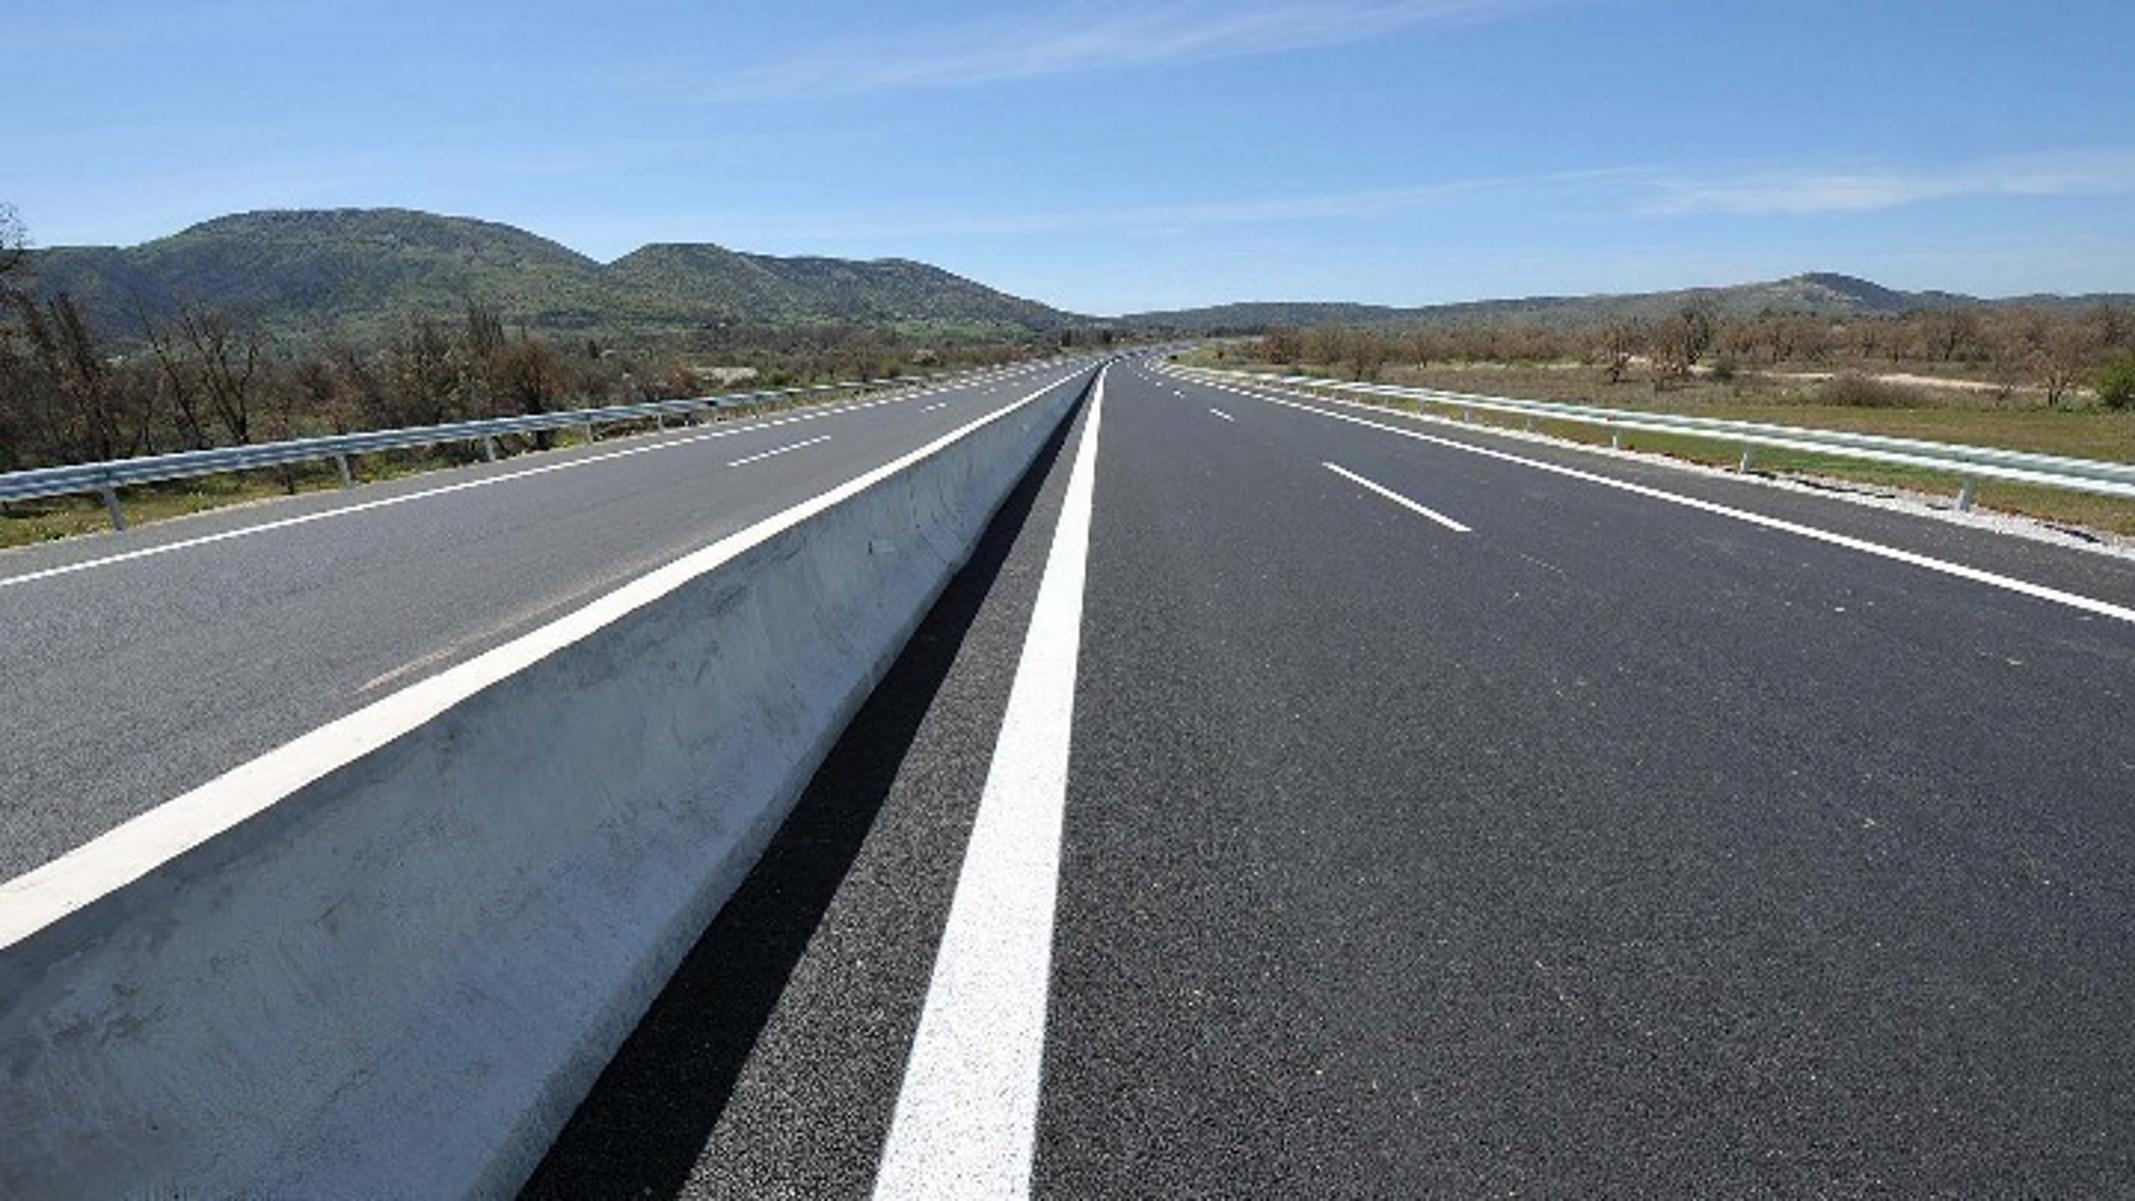 Κυκλοφοριακές ρυθμίσεις στην επαρχιακή οδό Ελευσίνας – Θηβών